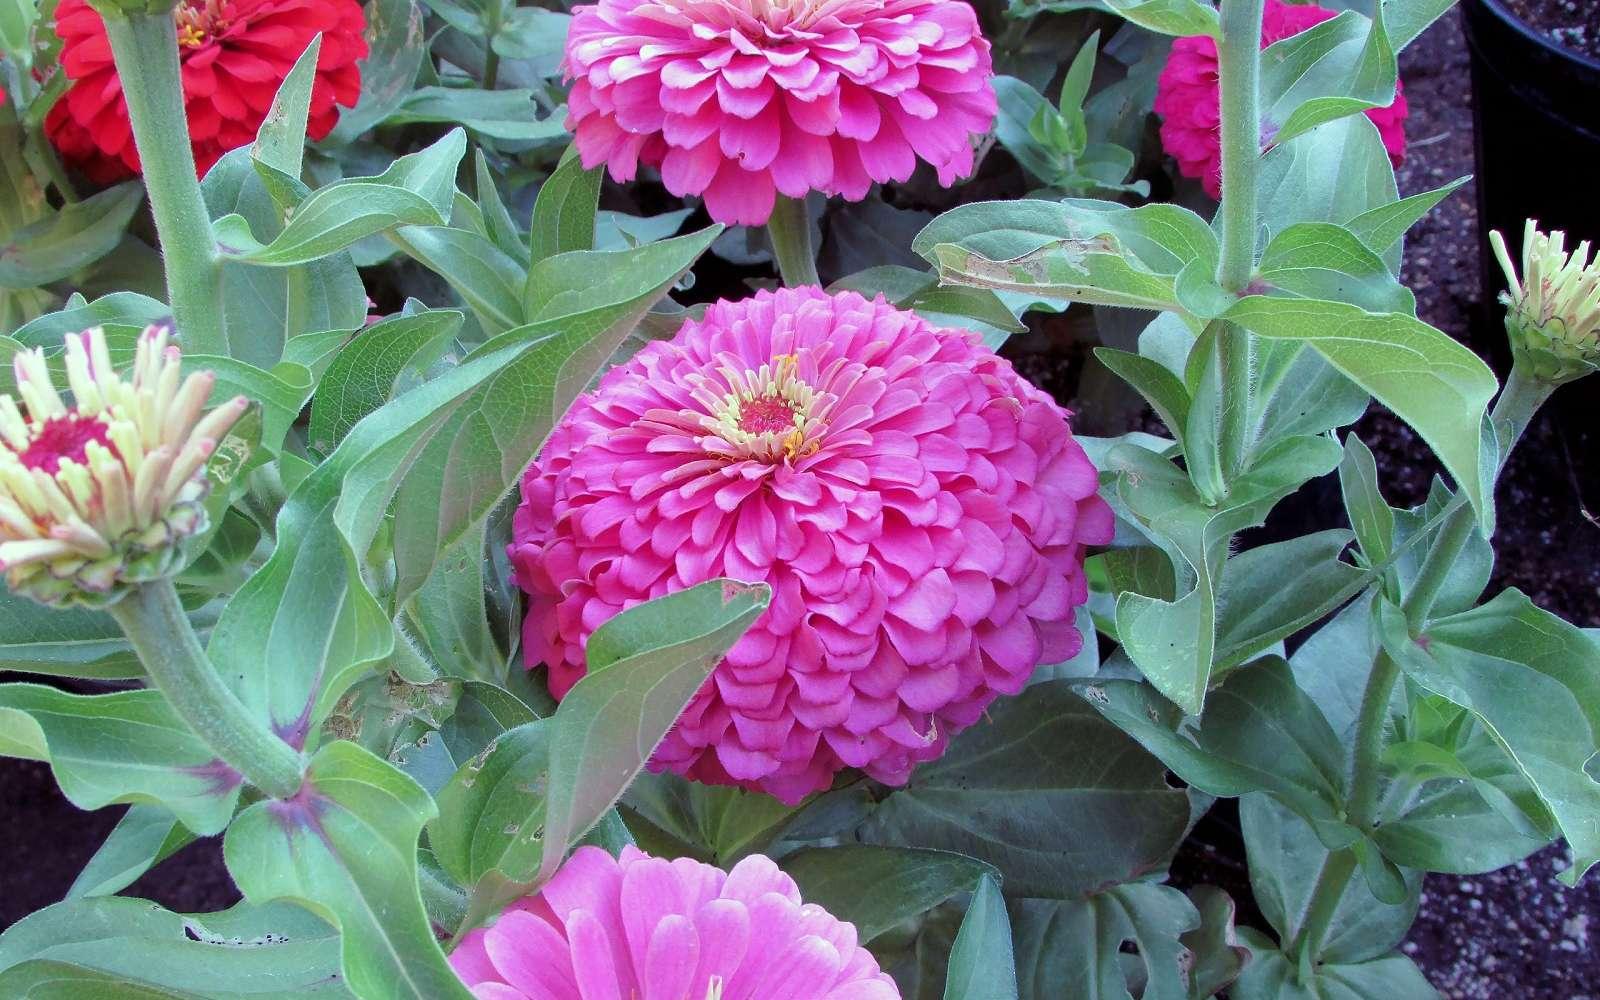 Osez des touches de couleurs vives avec les zinnias. © Don McCulley, Domaine public